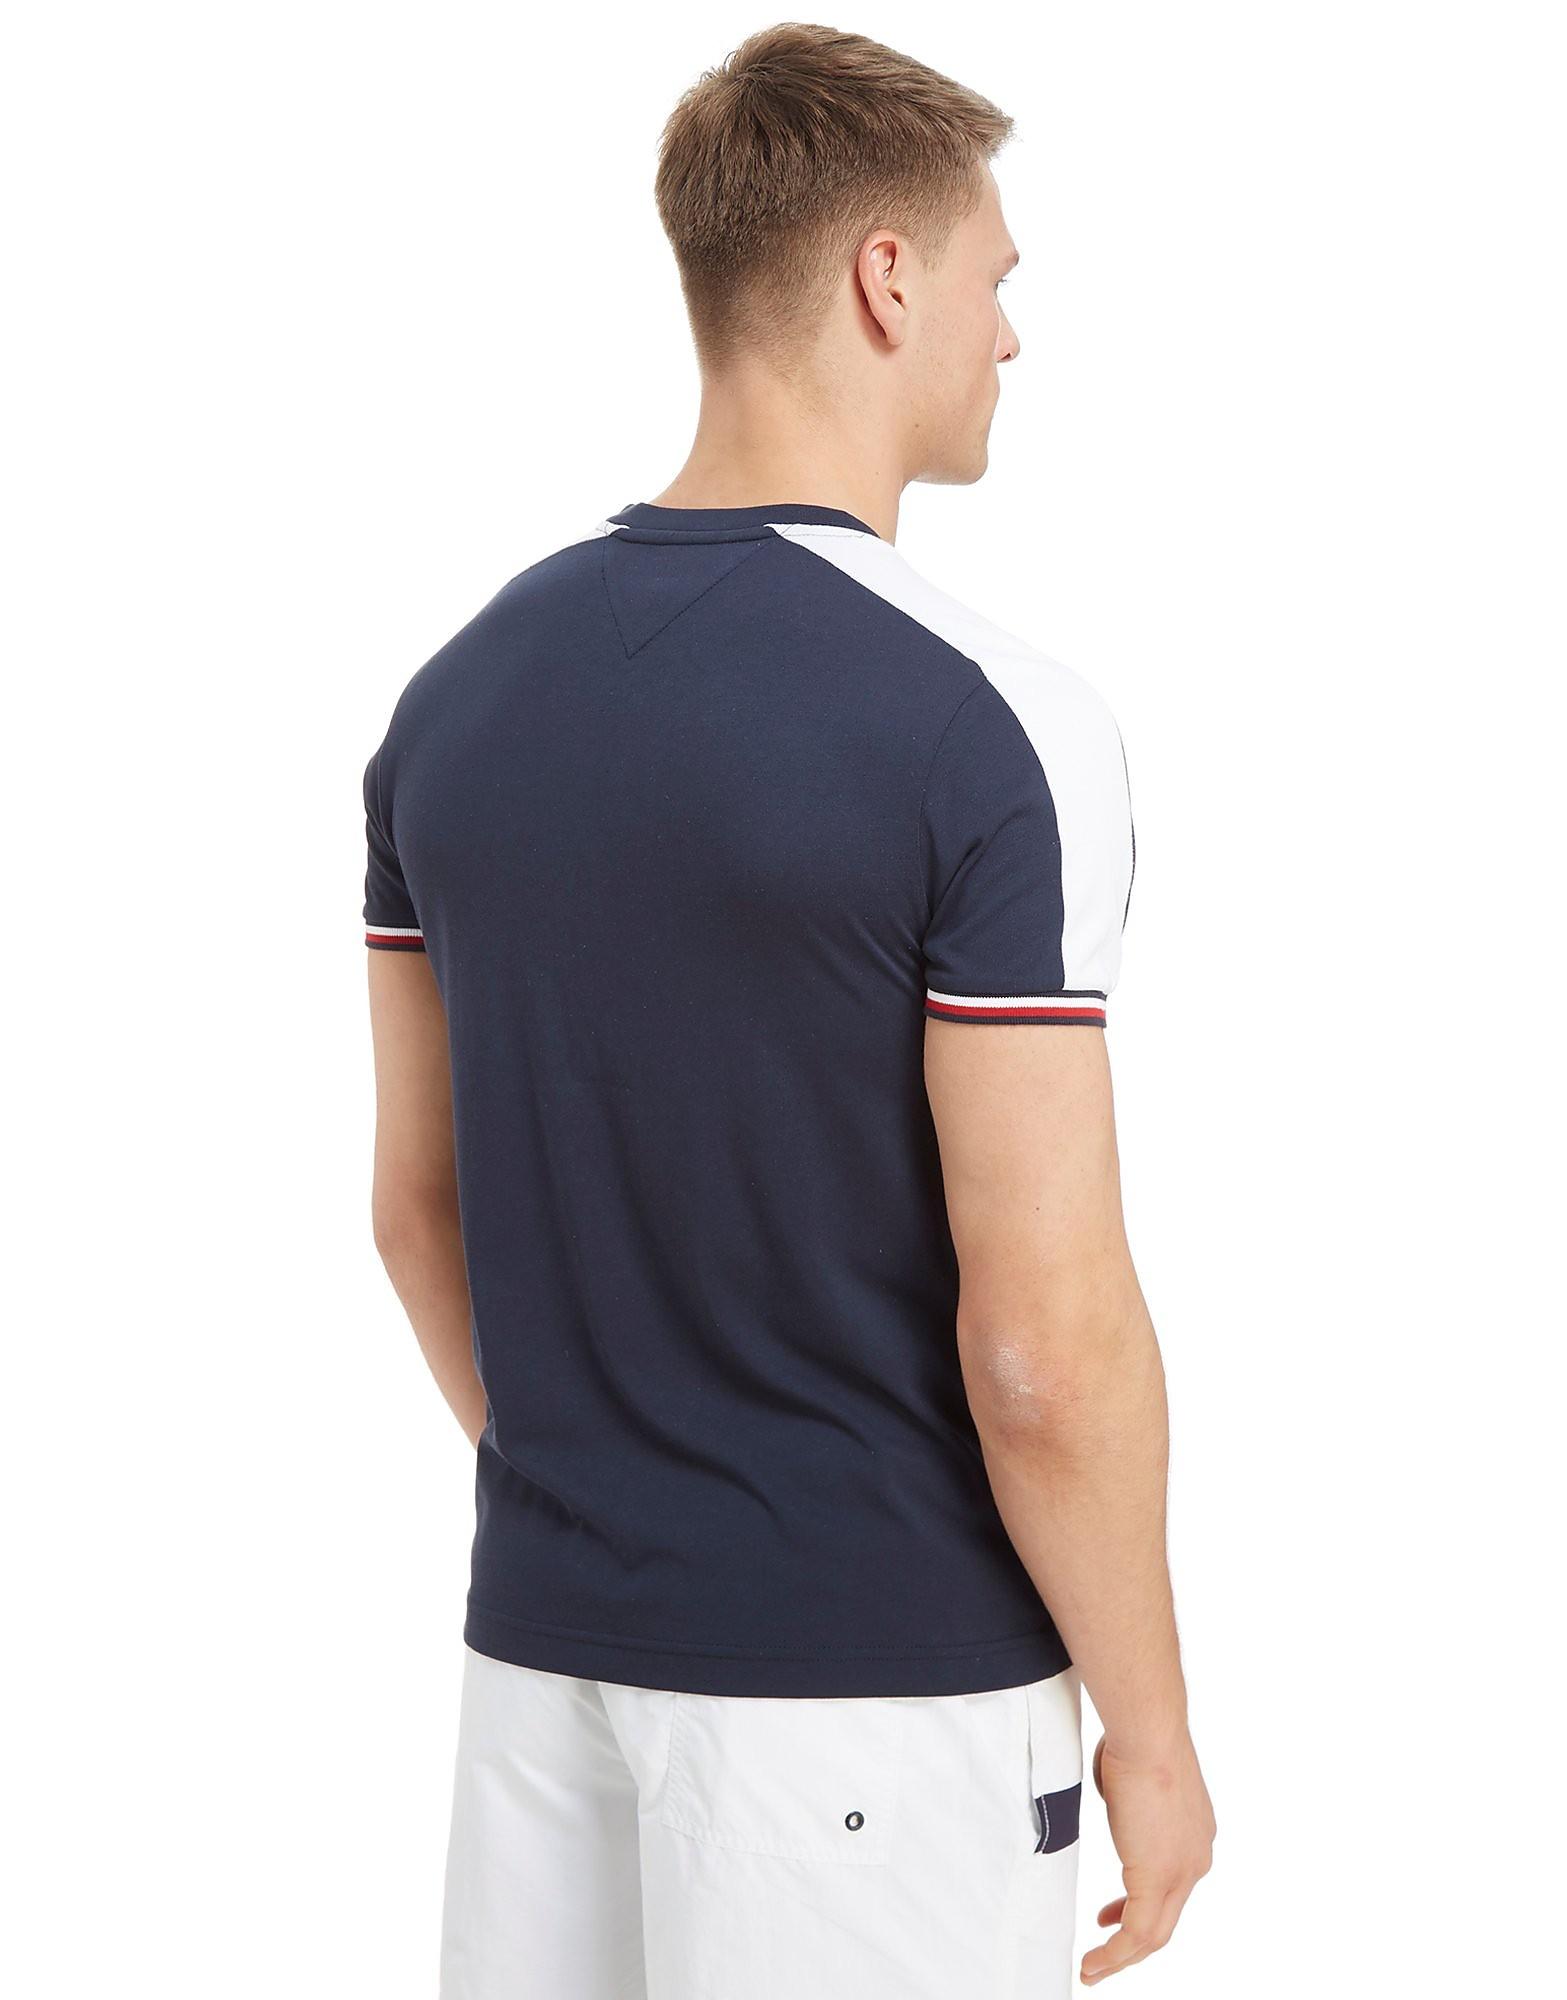 Tommy Hilfiger Side Panel T-Shirt